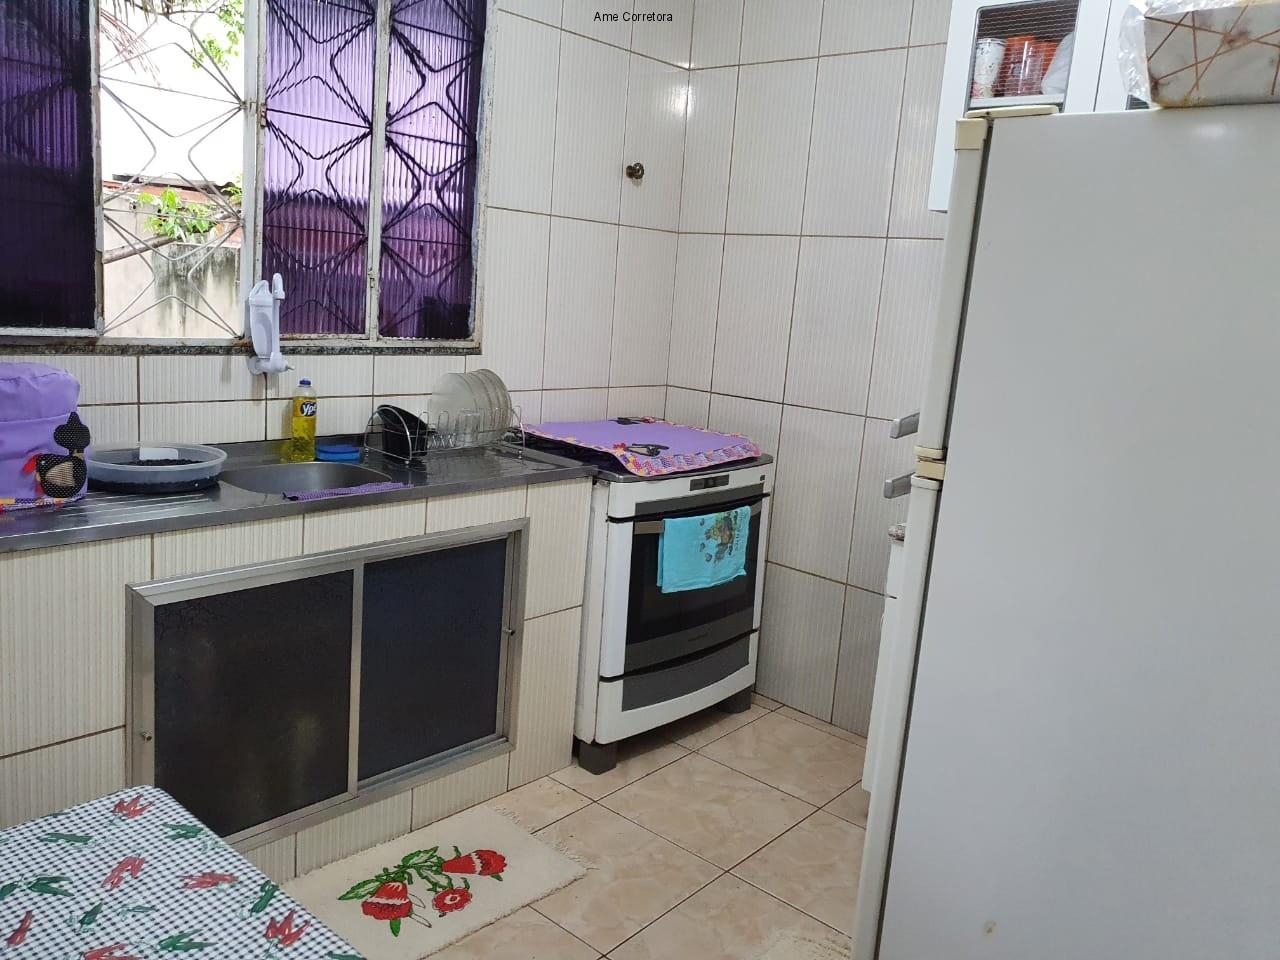 FOTO 05 - Casa 2 quartos à venda Inhoaíba, Rio de Janeiro - R$ 160.000 - CA00760 - 6